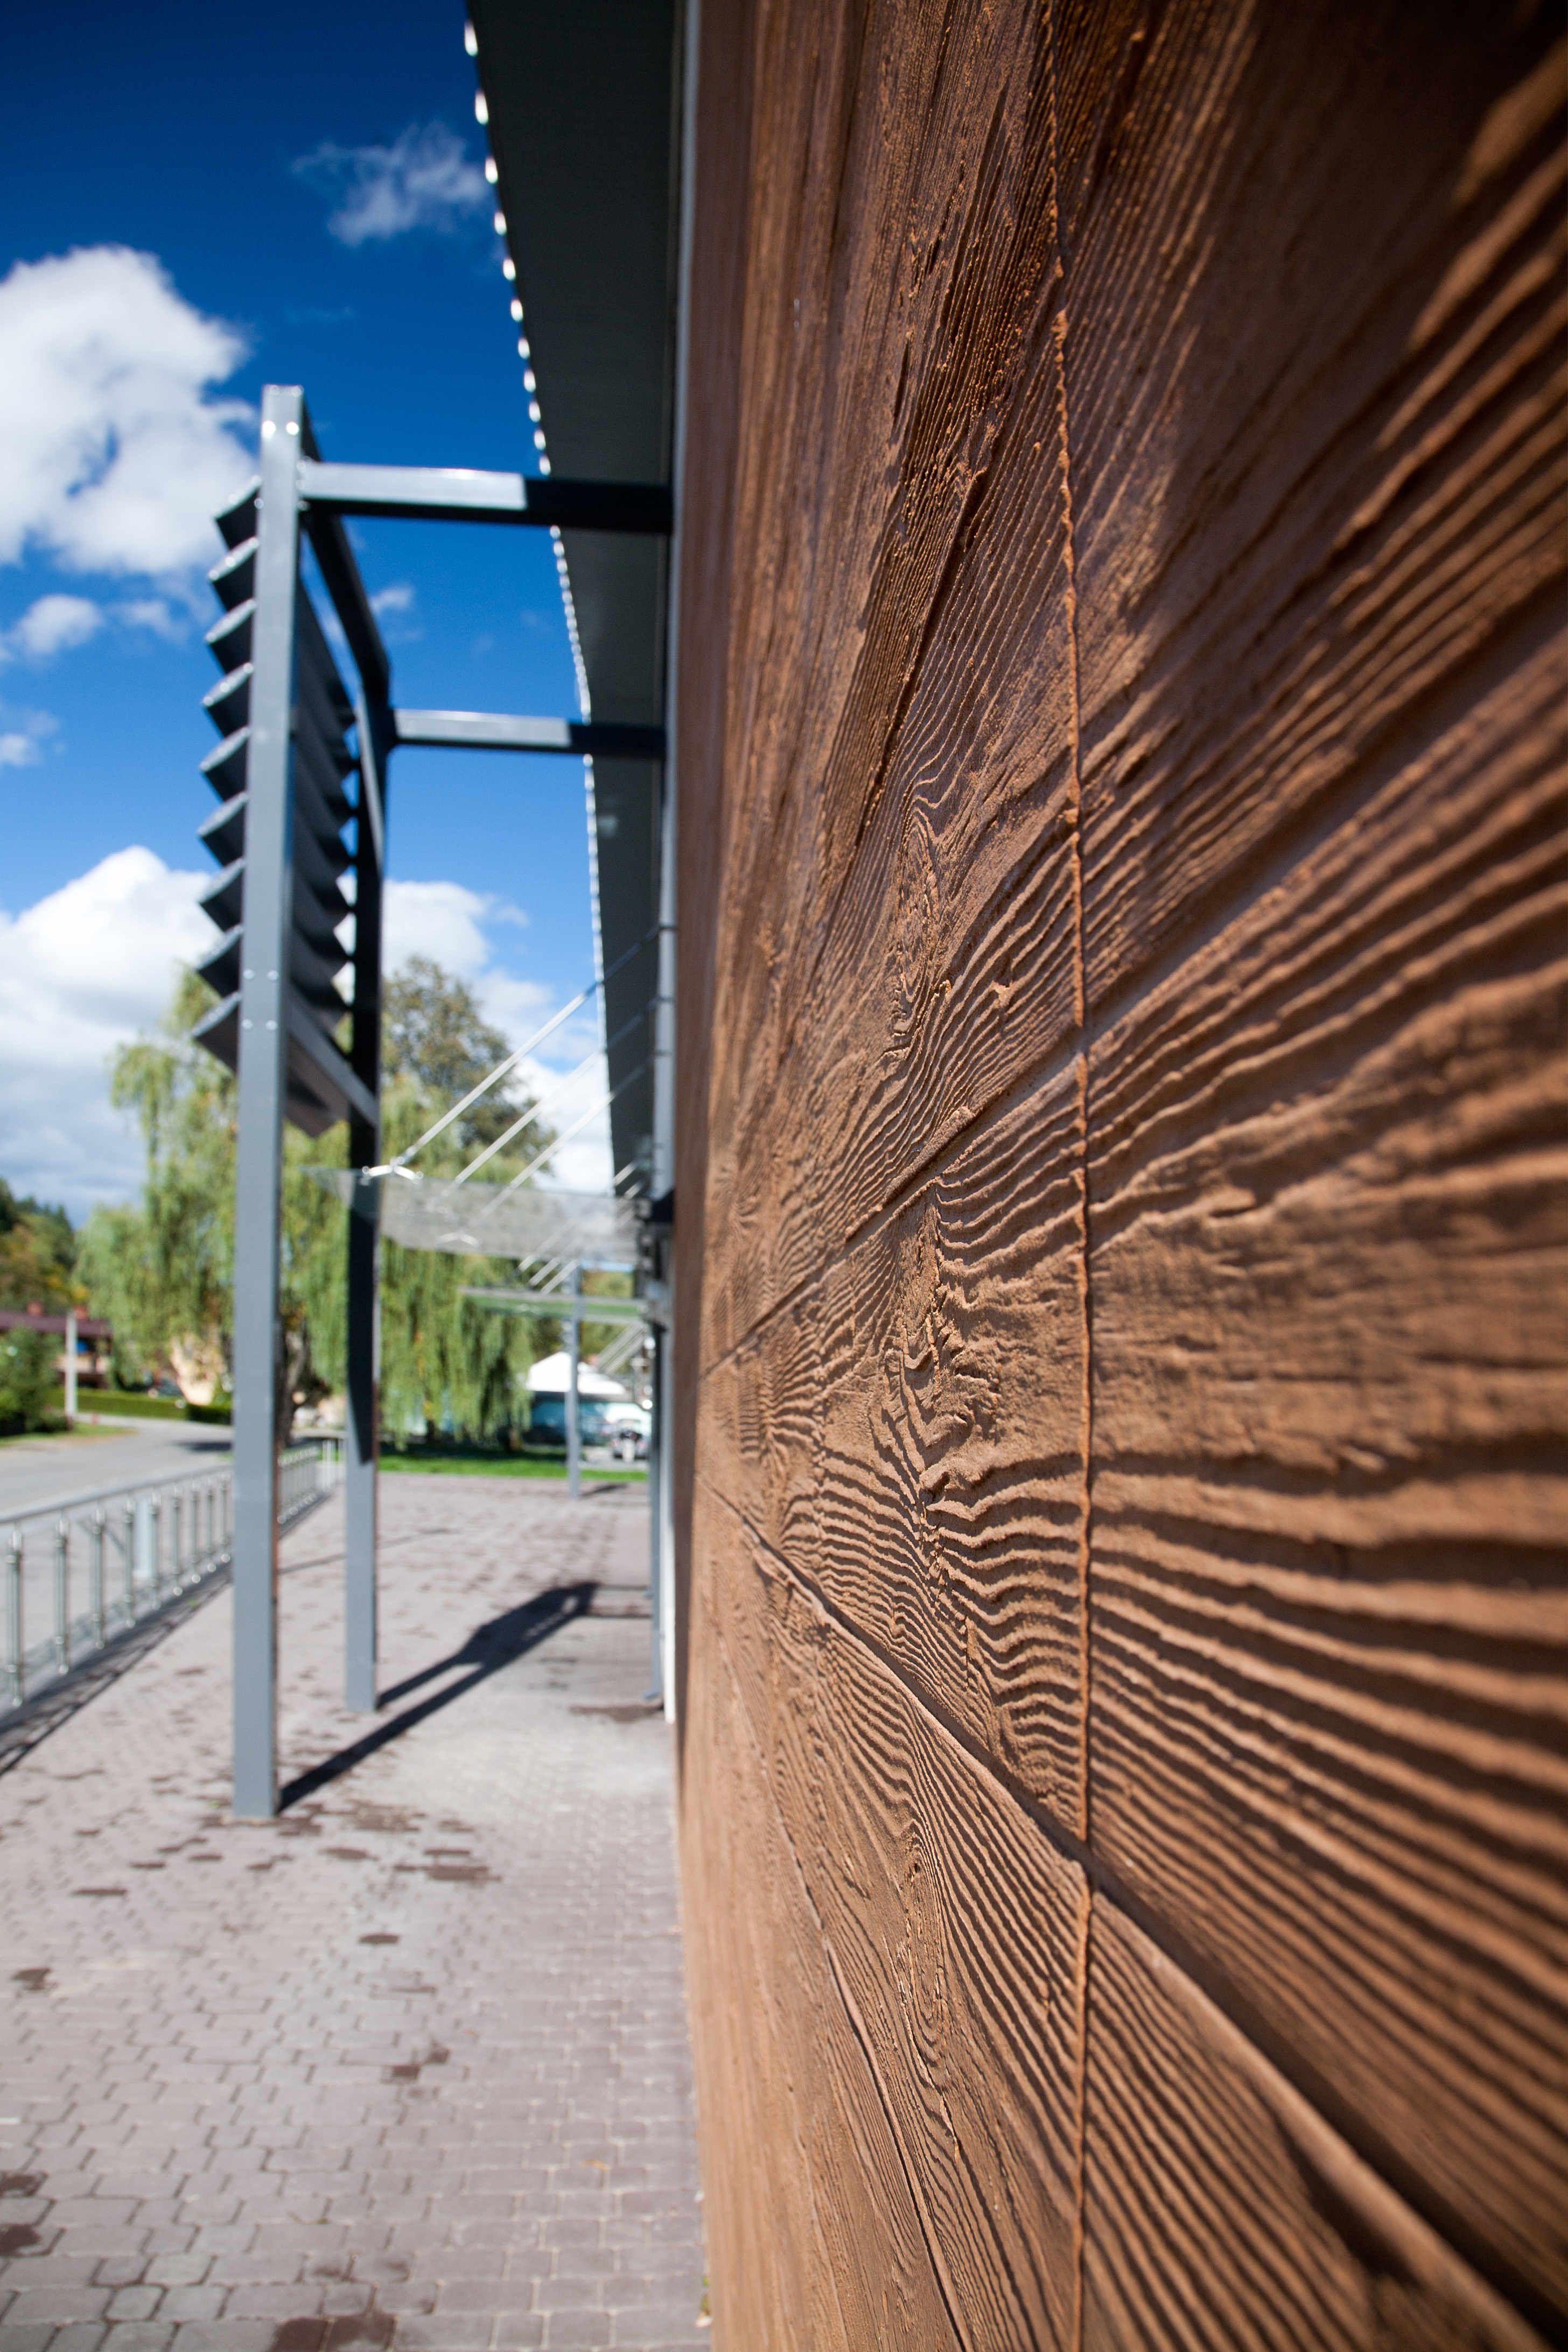 Ceresit Visage Tynki I Farby Elewacyjne Z Efektem Drewna Dobre Budowanie Budowa Domu Pod Klucz Internetowy Serwis Budowlany Material